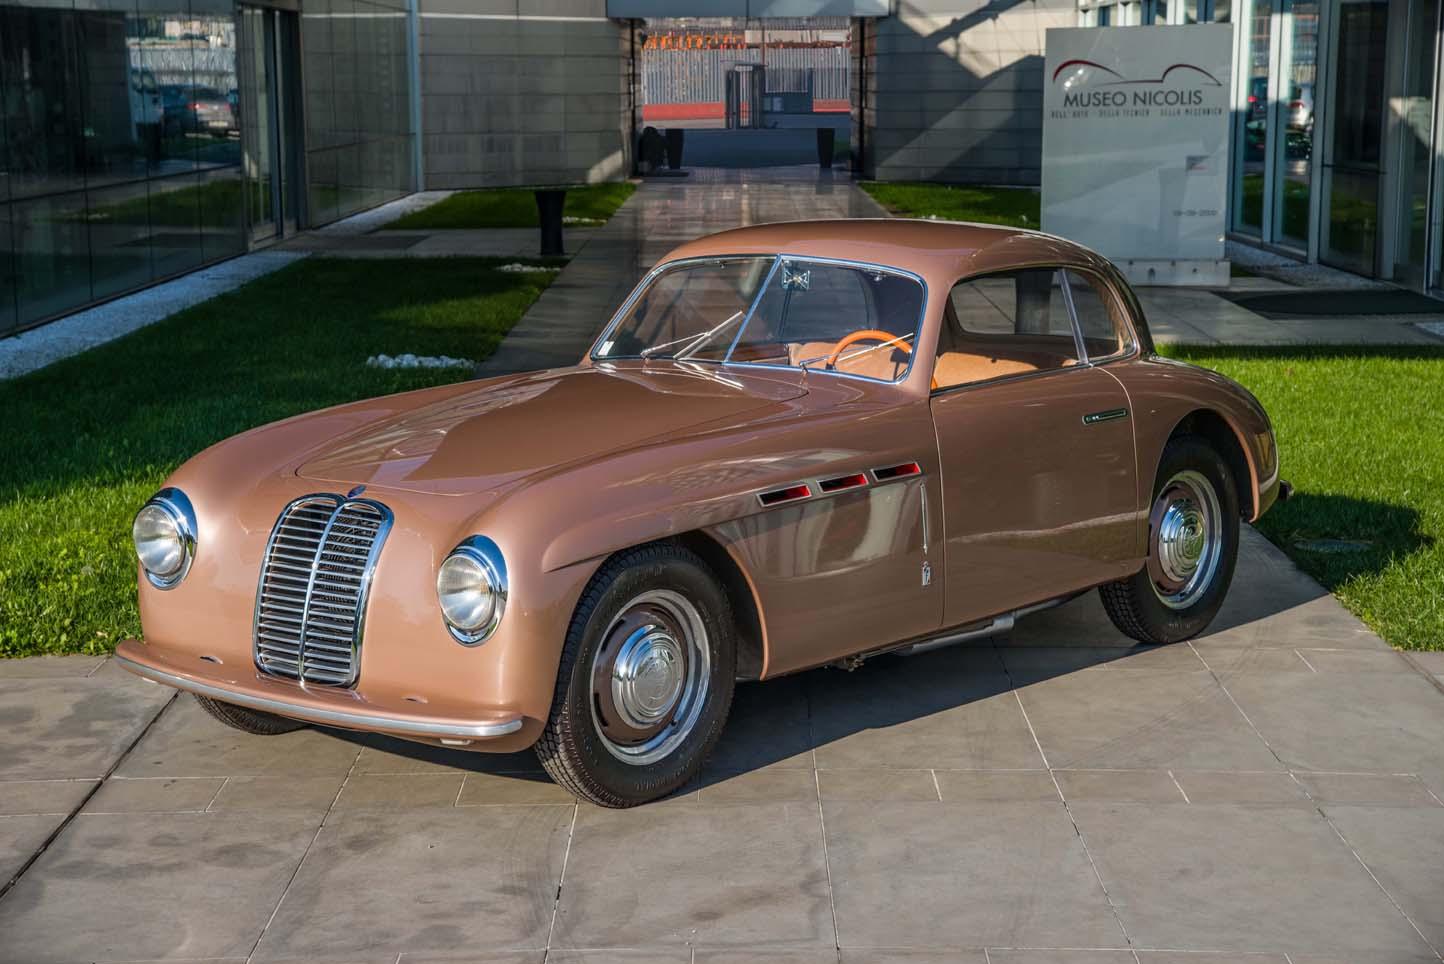 Una Maserati del Museo Nicolis al Museo Ferrari